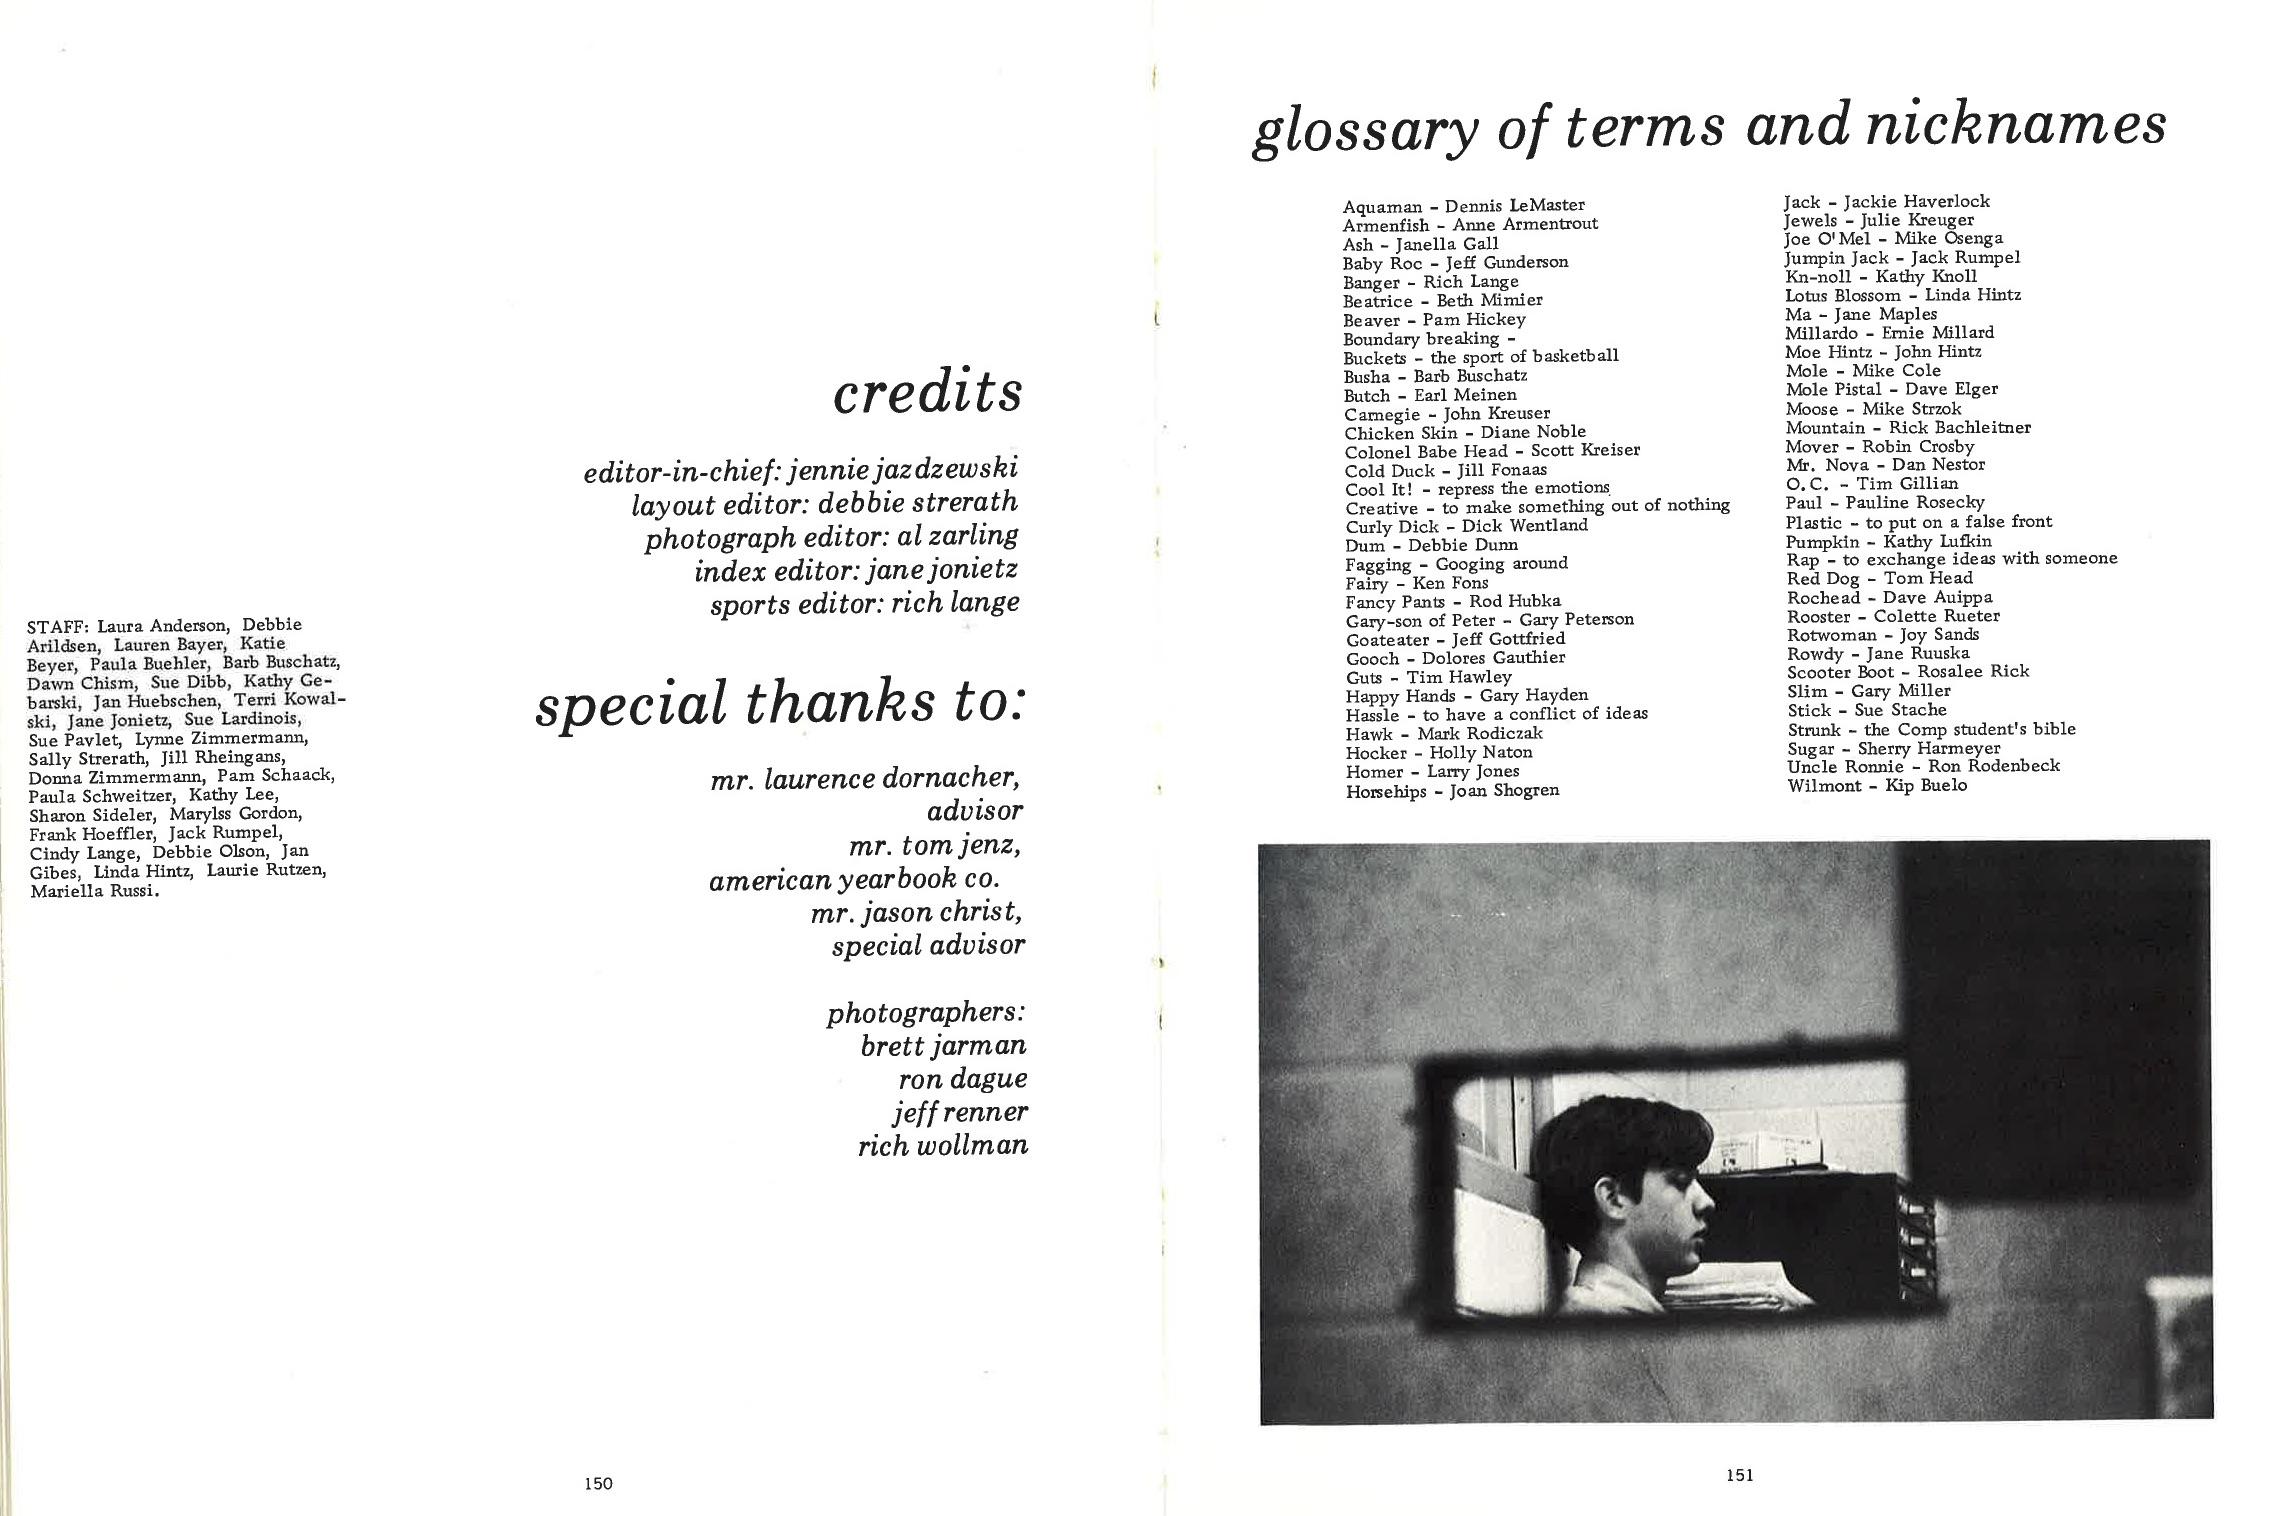 1971_Yearbook_150-151.jpg